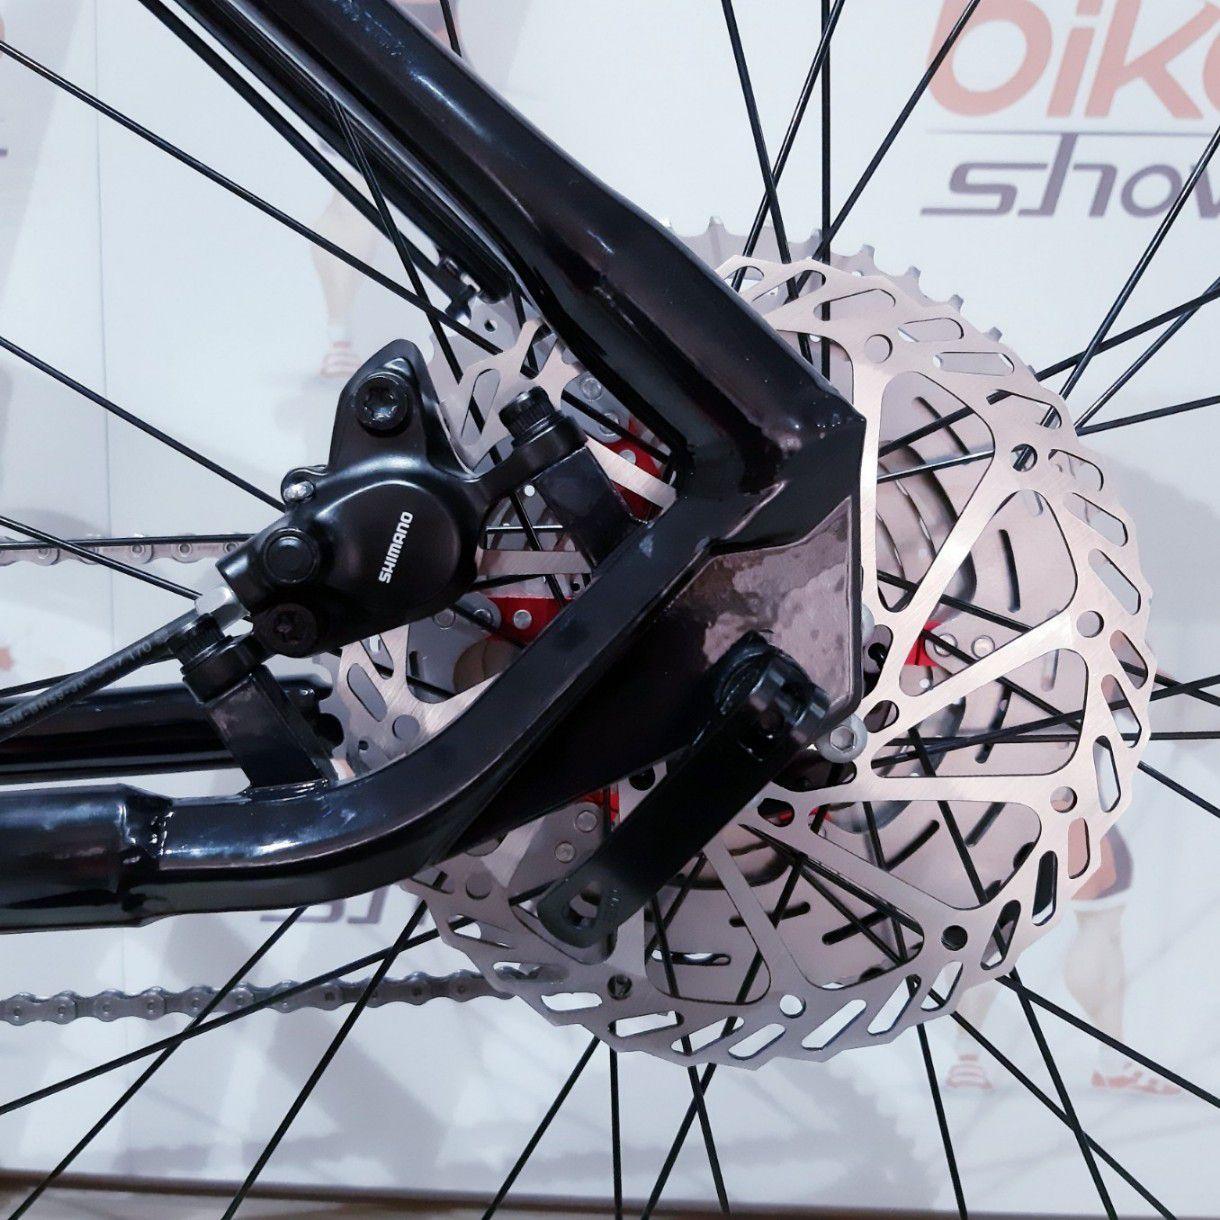 Bicicleta FIRST Smitt aro 29 - 12V Ltwoo - Freio Shimano Hidráulico - Suspensão Trust trava no ombro